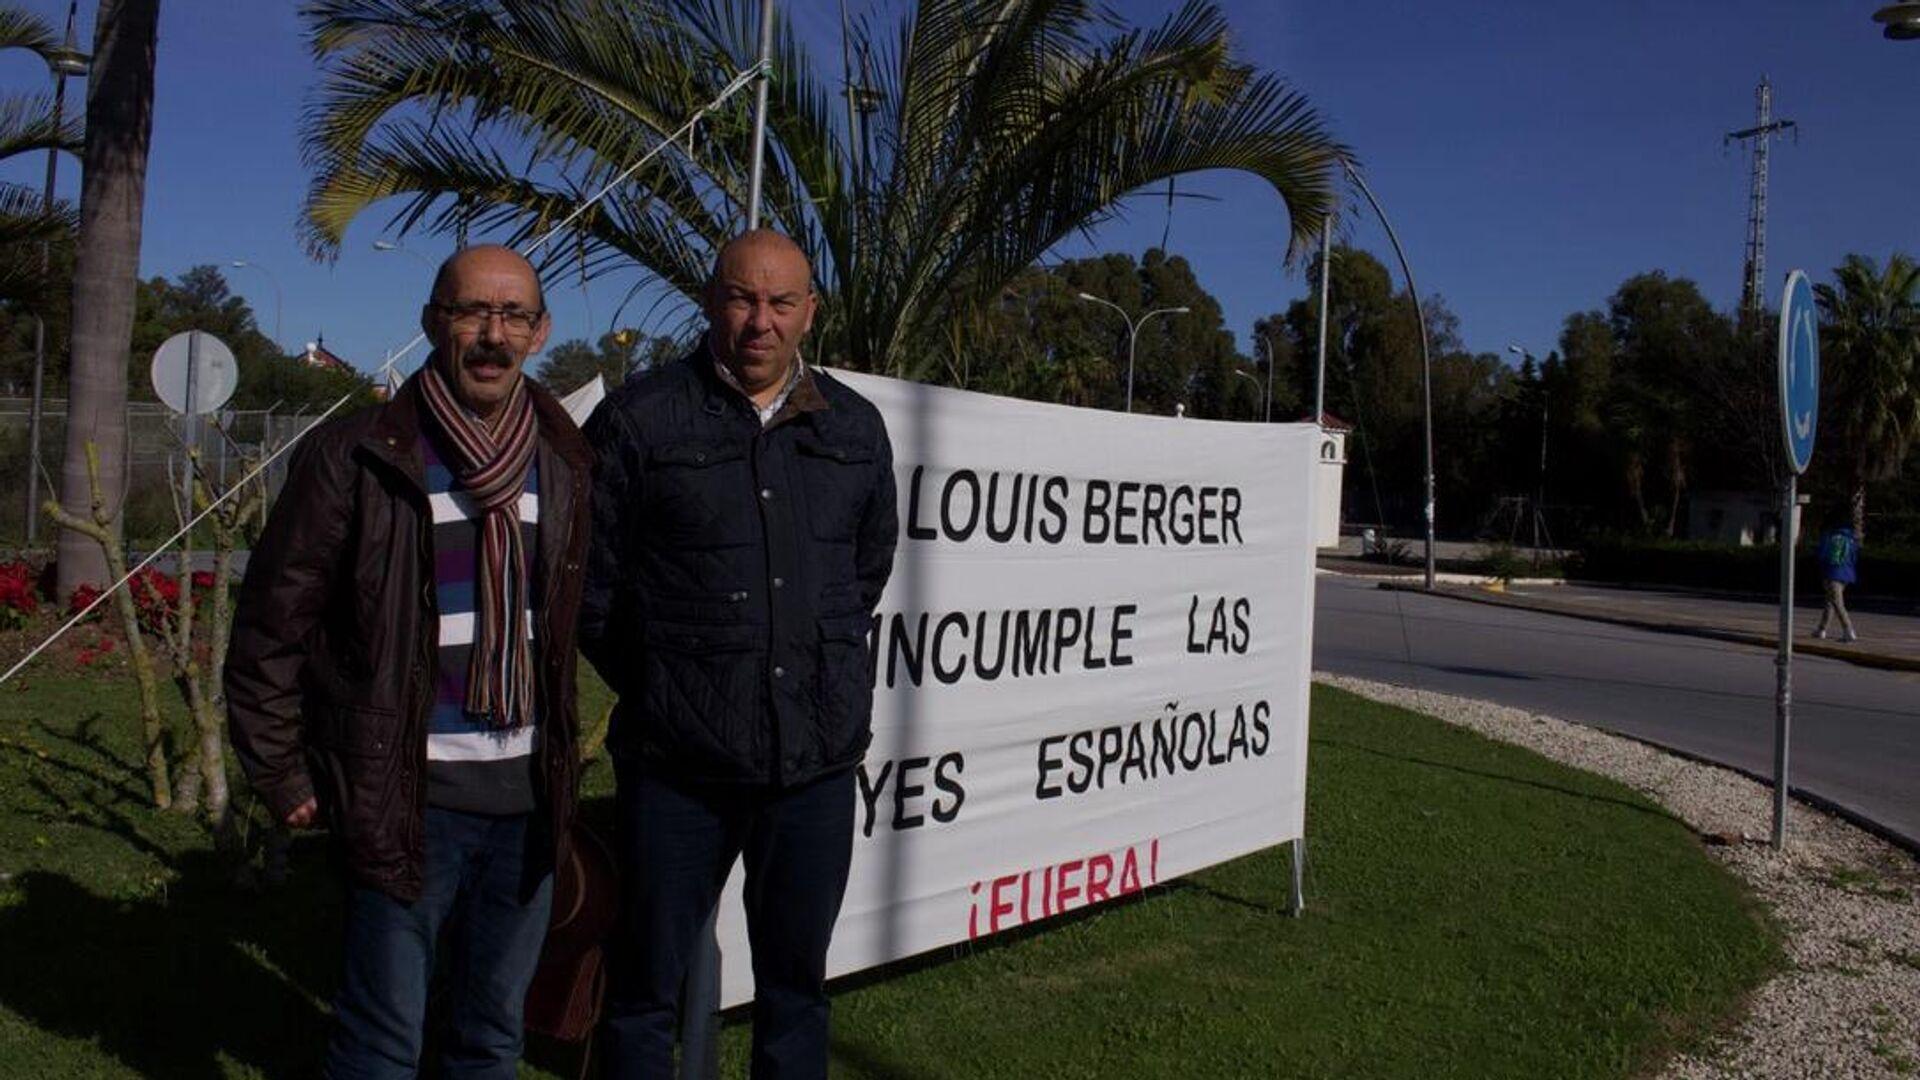 Trabajadores de Louis Berger llevan años exigiendo el reconocimiento de sus derechos laborales sin éxito - Sputnik Mundo, 1920, 05.07.2021